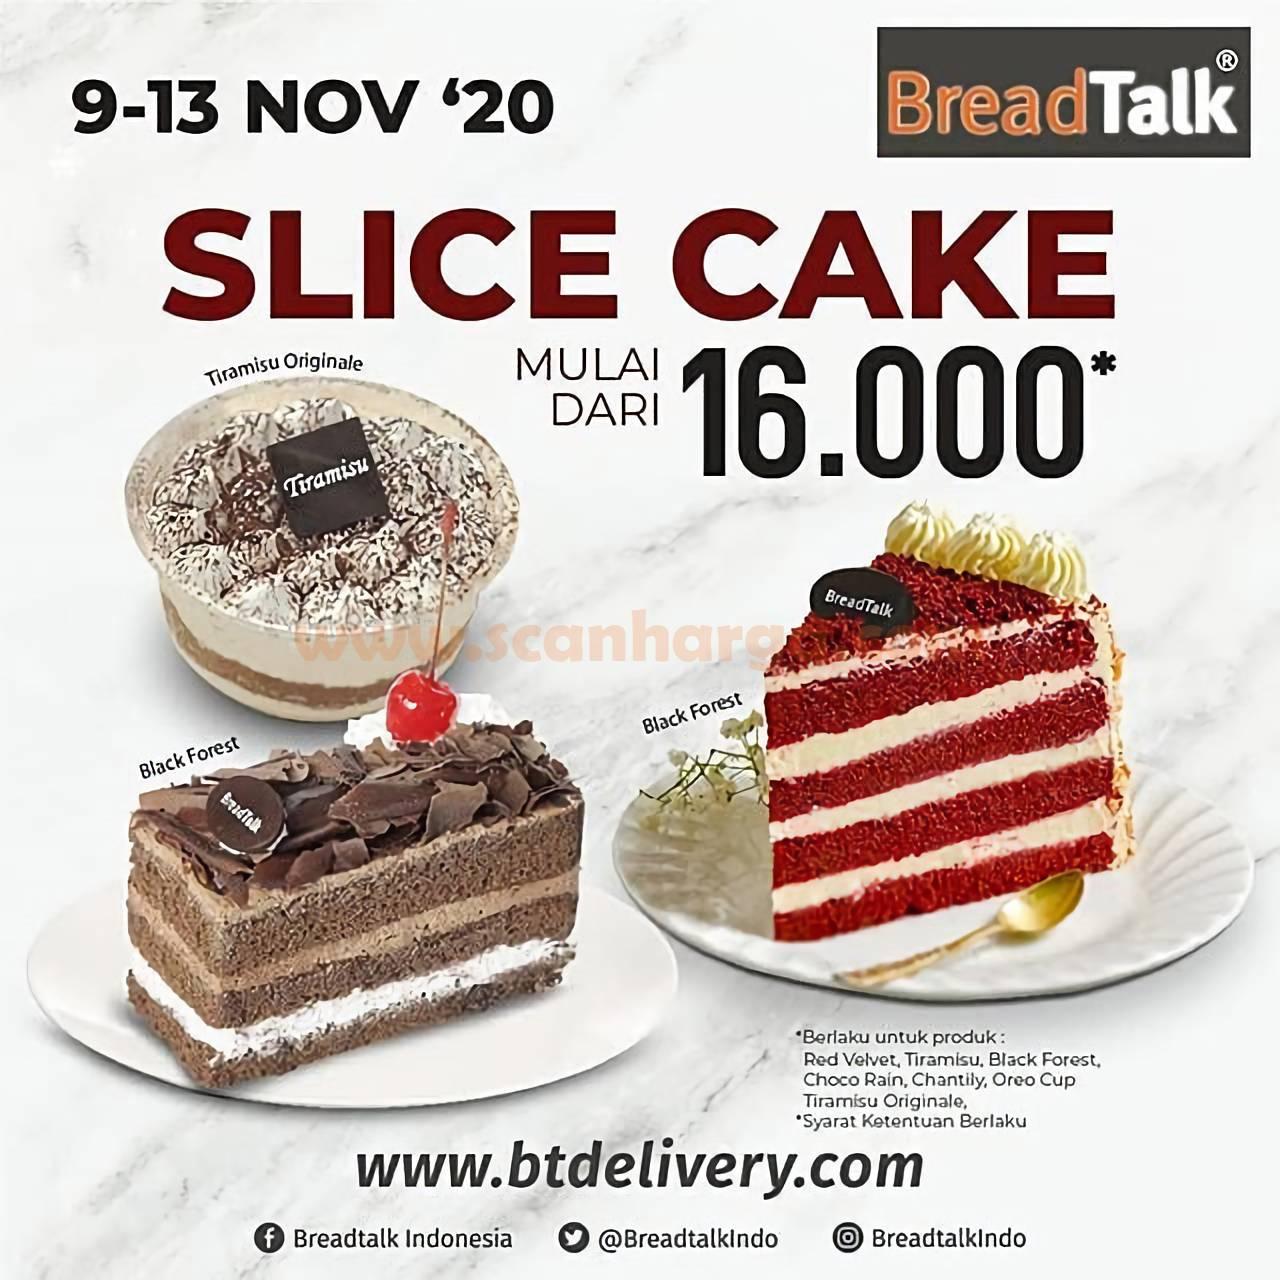 Promo BREADTALK SLICE CAKE! Harga Spesial hanya Rp 16.000 /slice